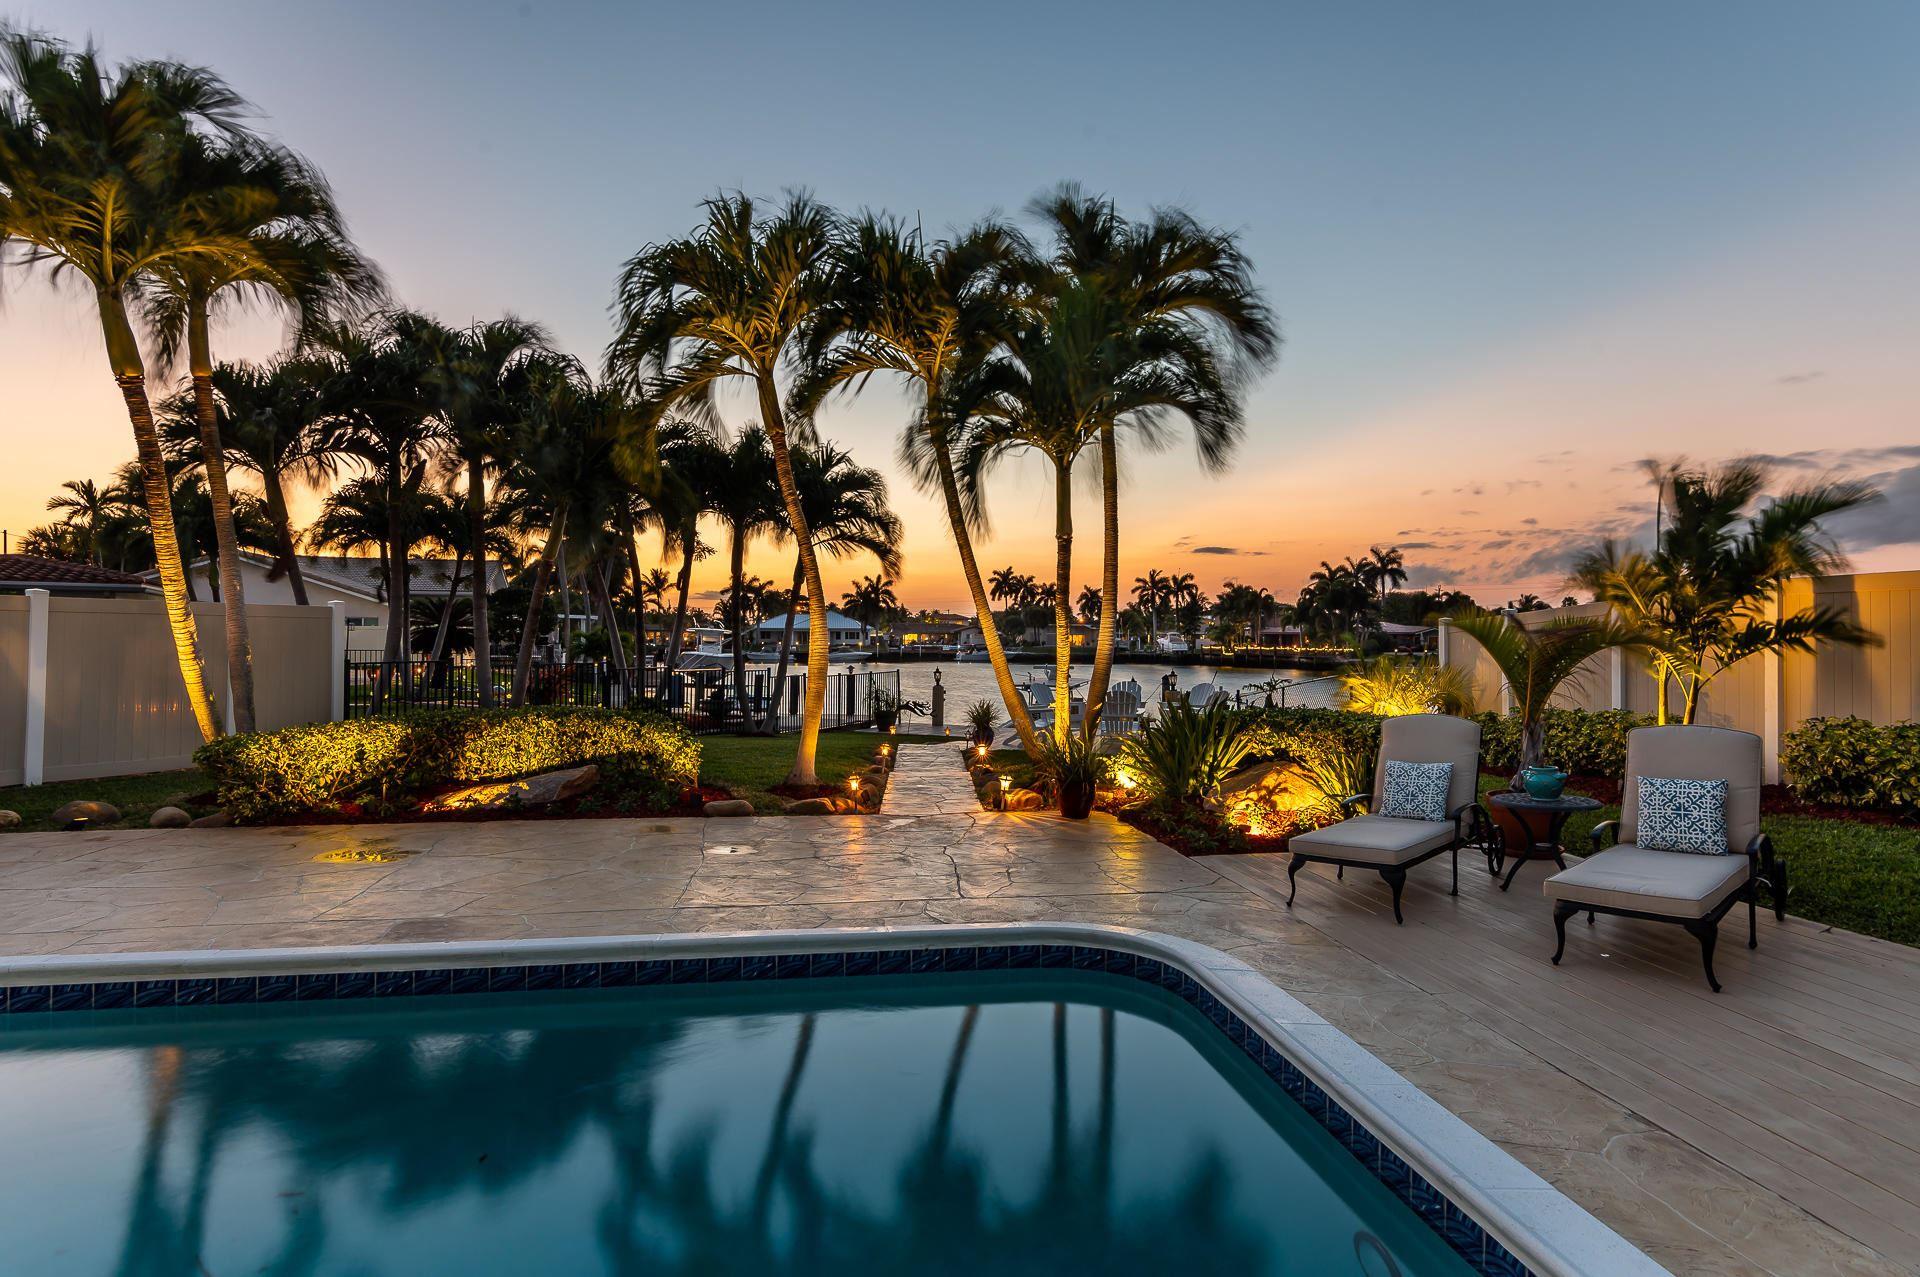 1311 SE 9th Avenue, Pompano Beach, FL 33060 - #: RX-10697433